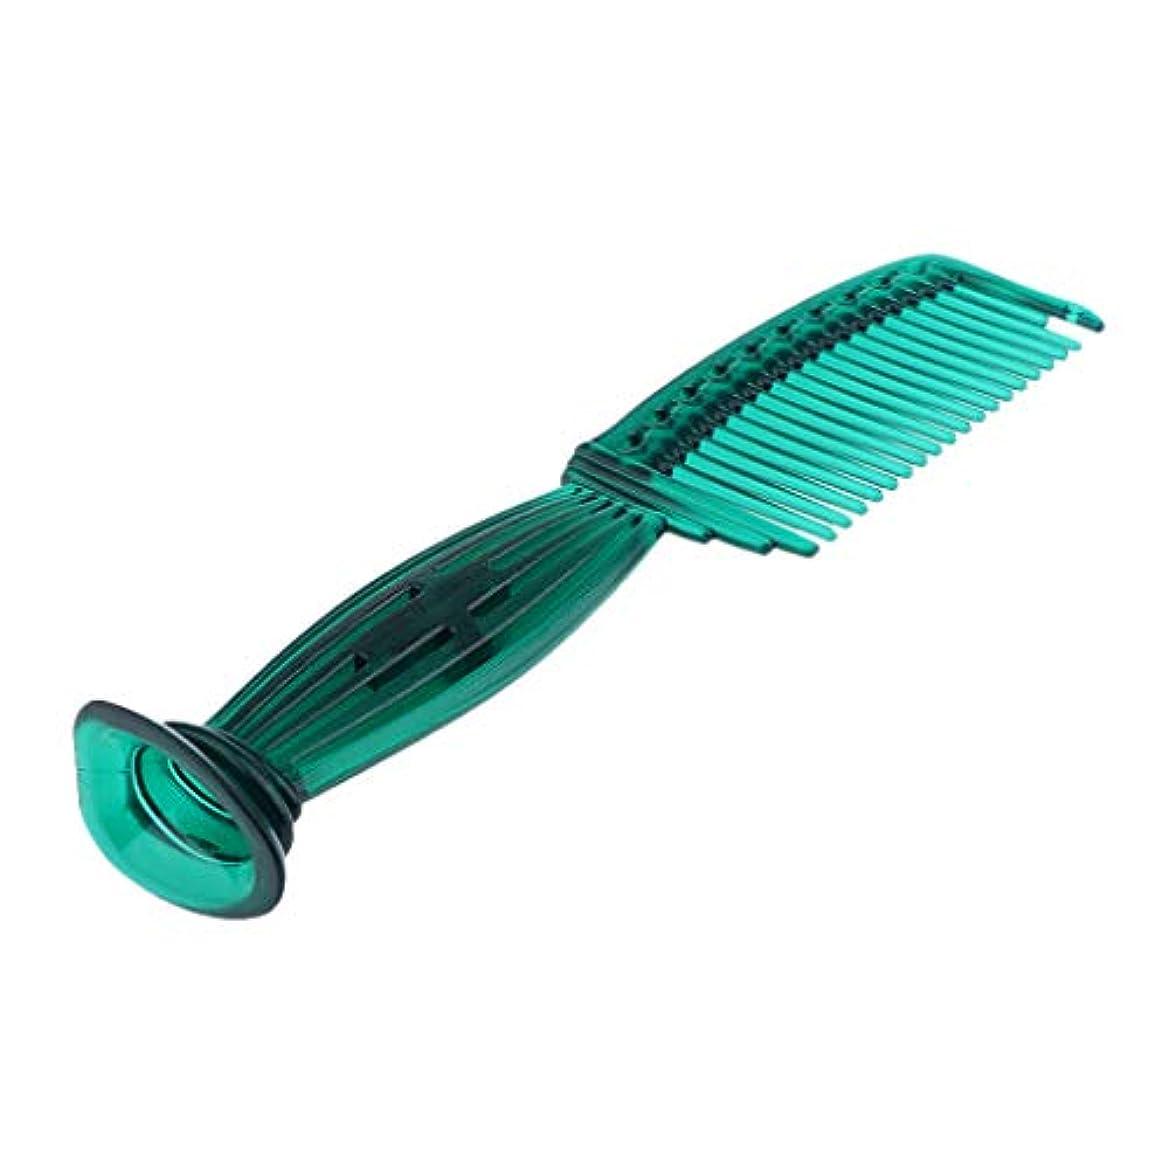 バランス安価なスキップヘアコーム ヘアブラシ ラウンドチップ ワイドスペースの歯 頭皮保護 櫛 5色選べ - 緑